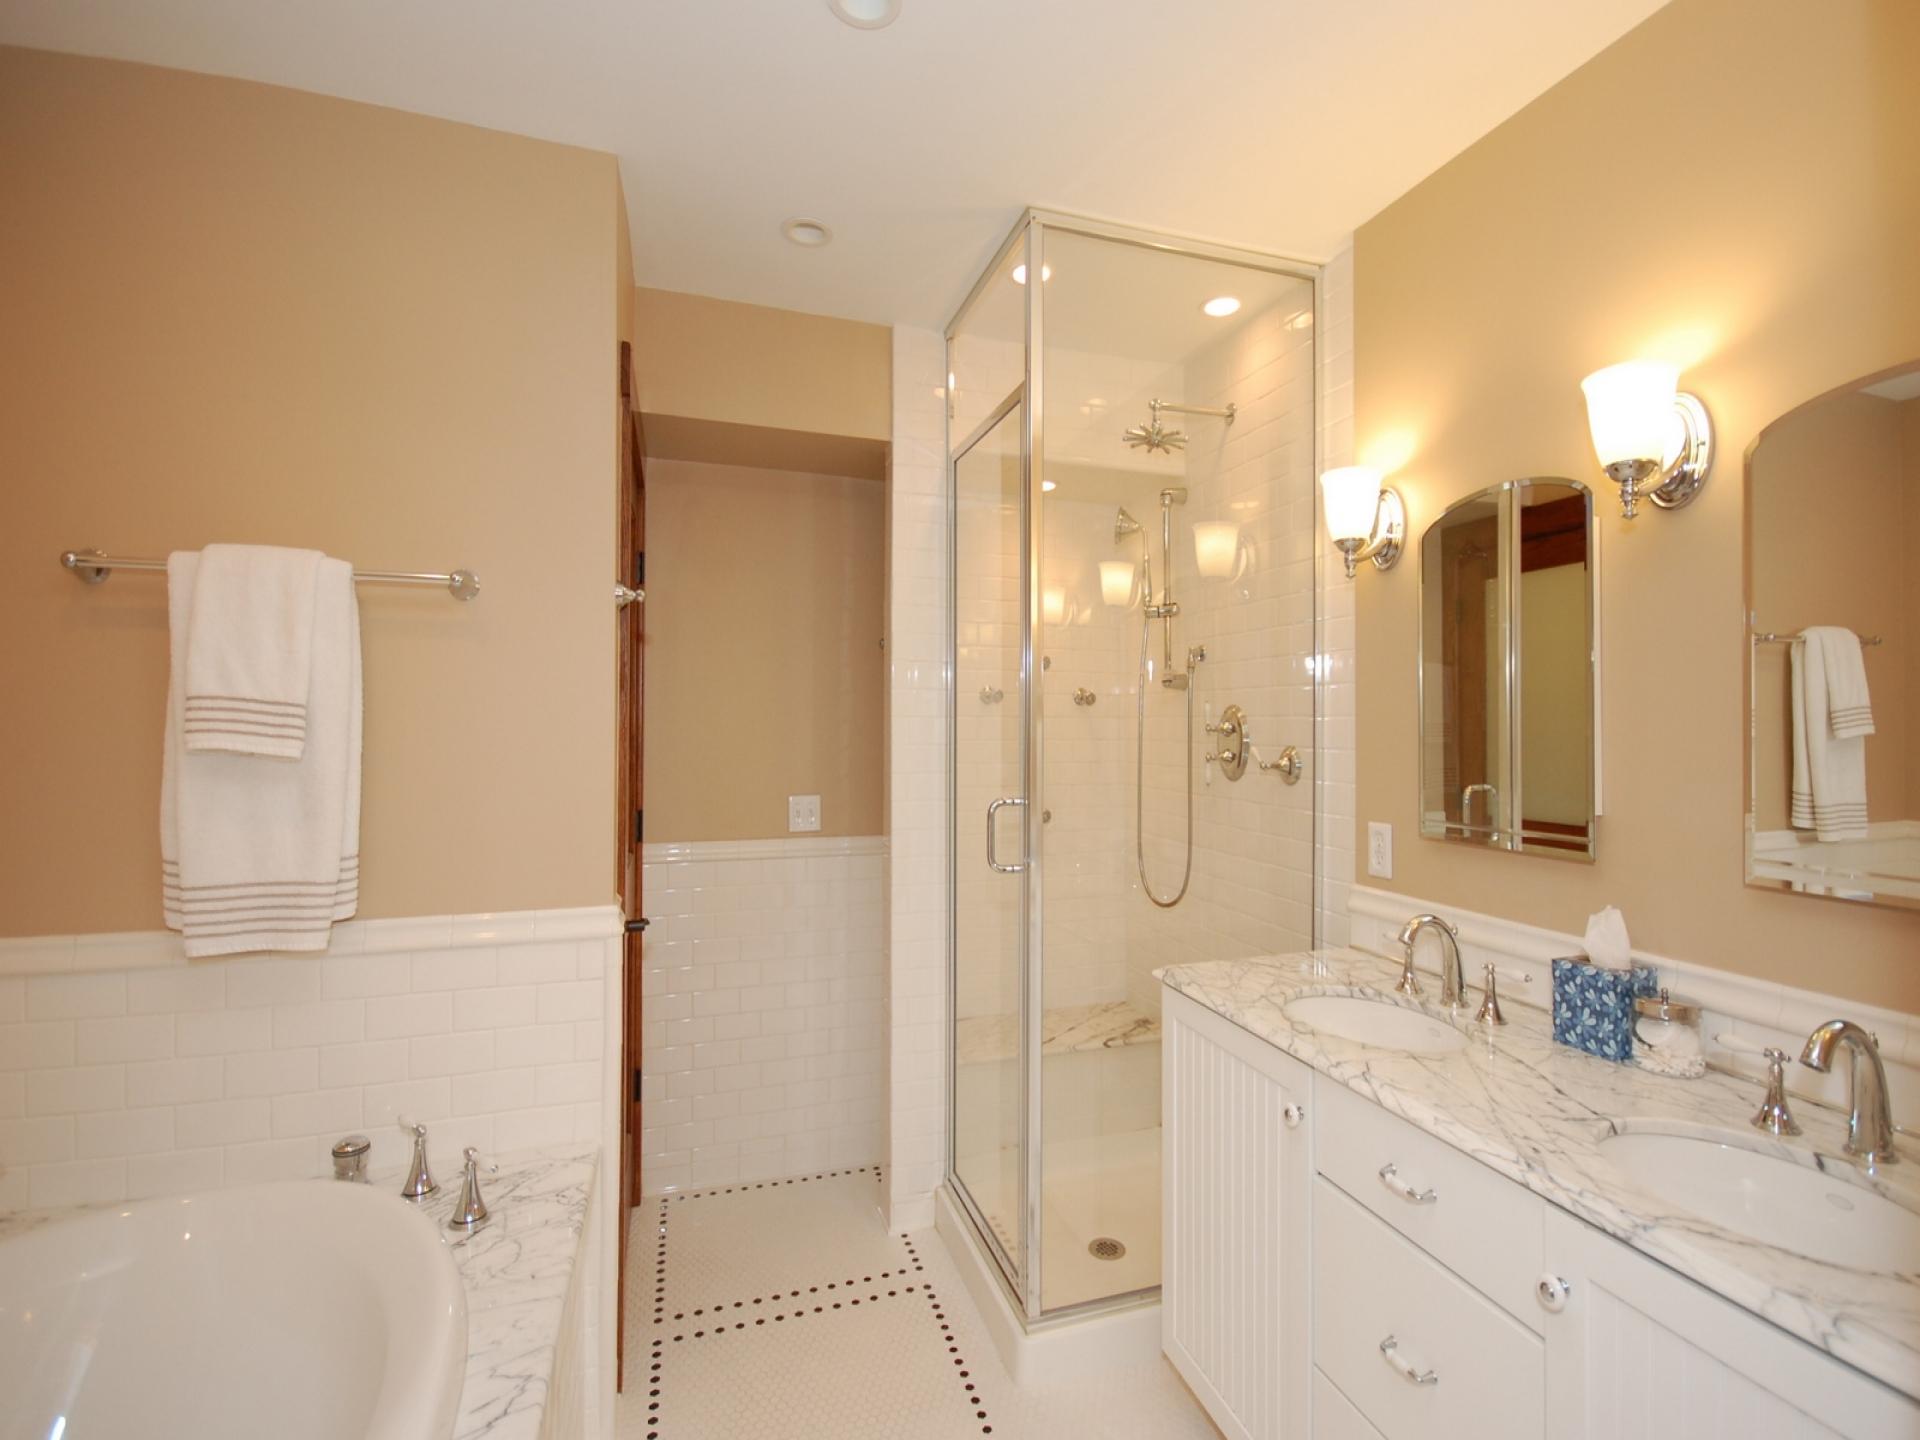 Правильно красить ванную комнату купить смеситель для кухни 2в1